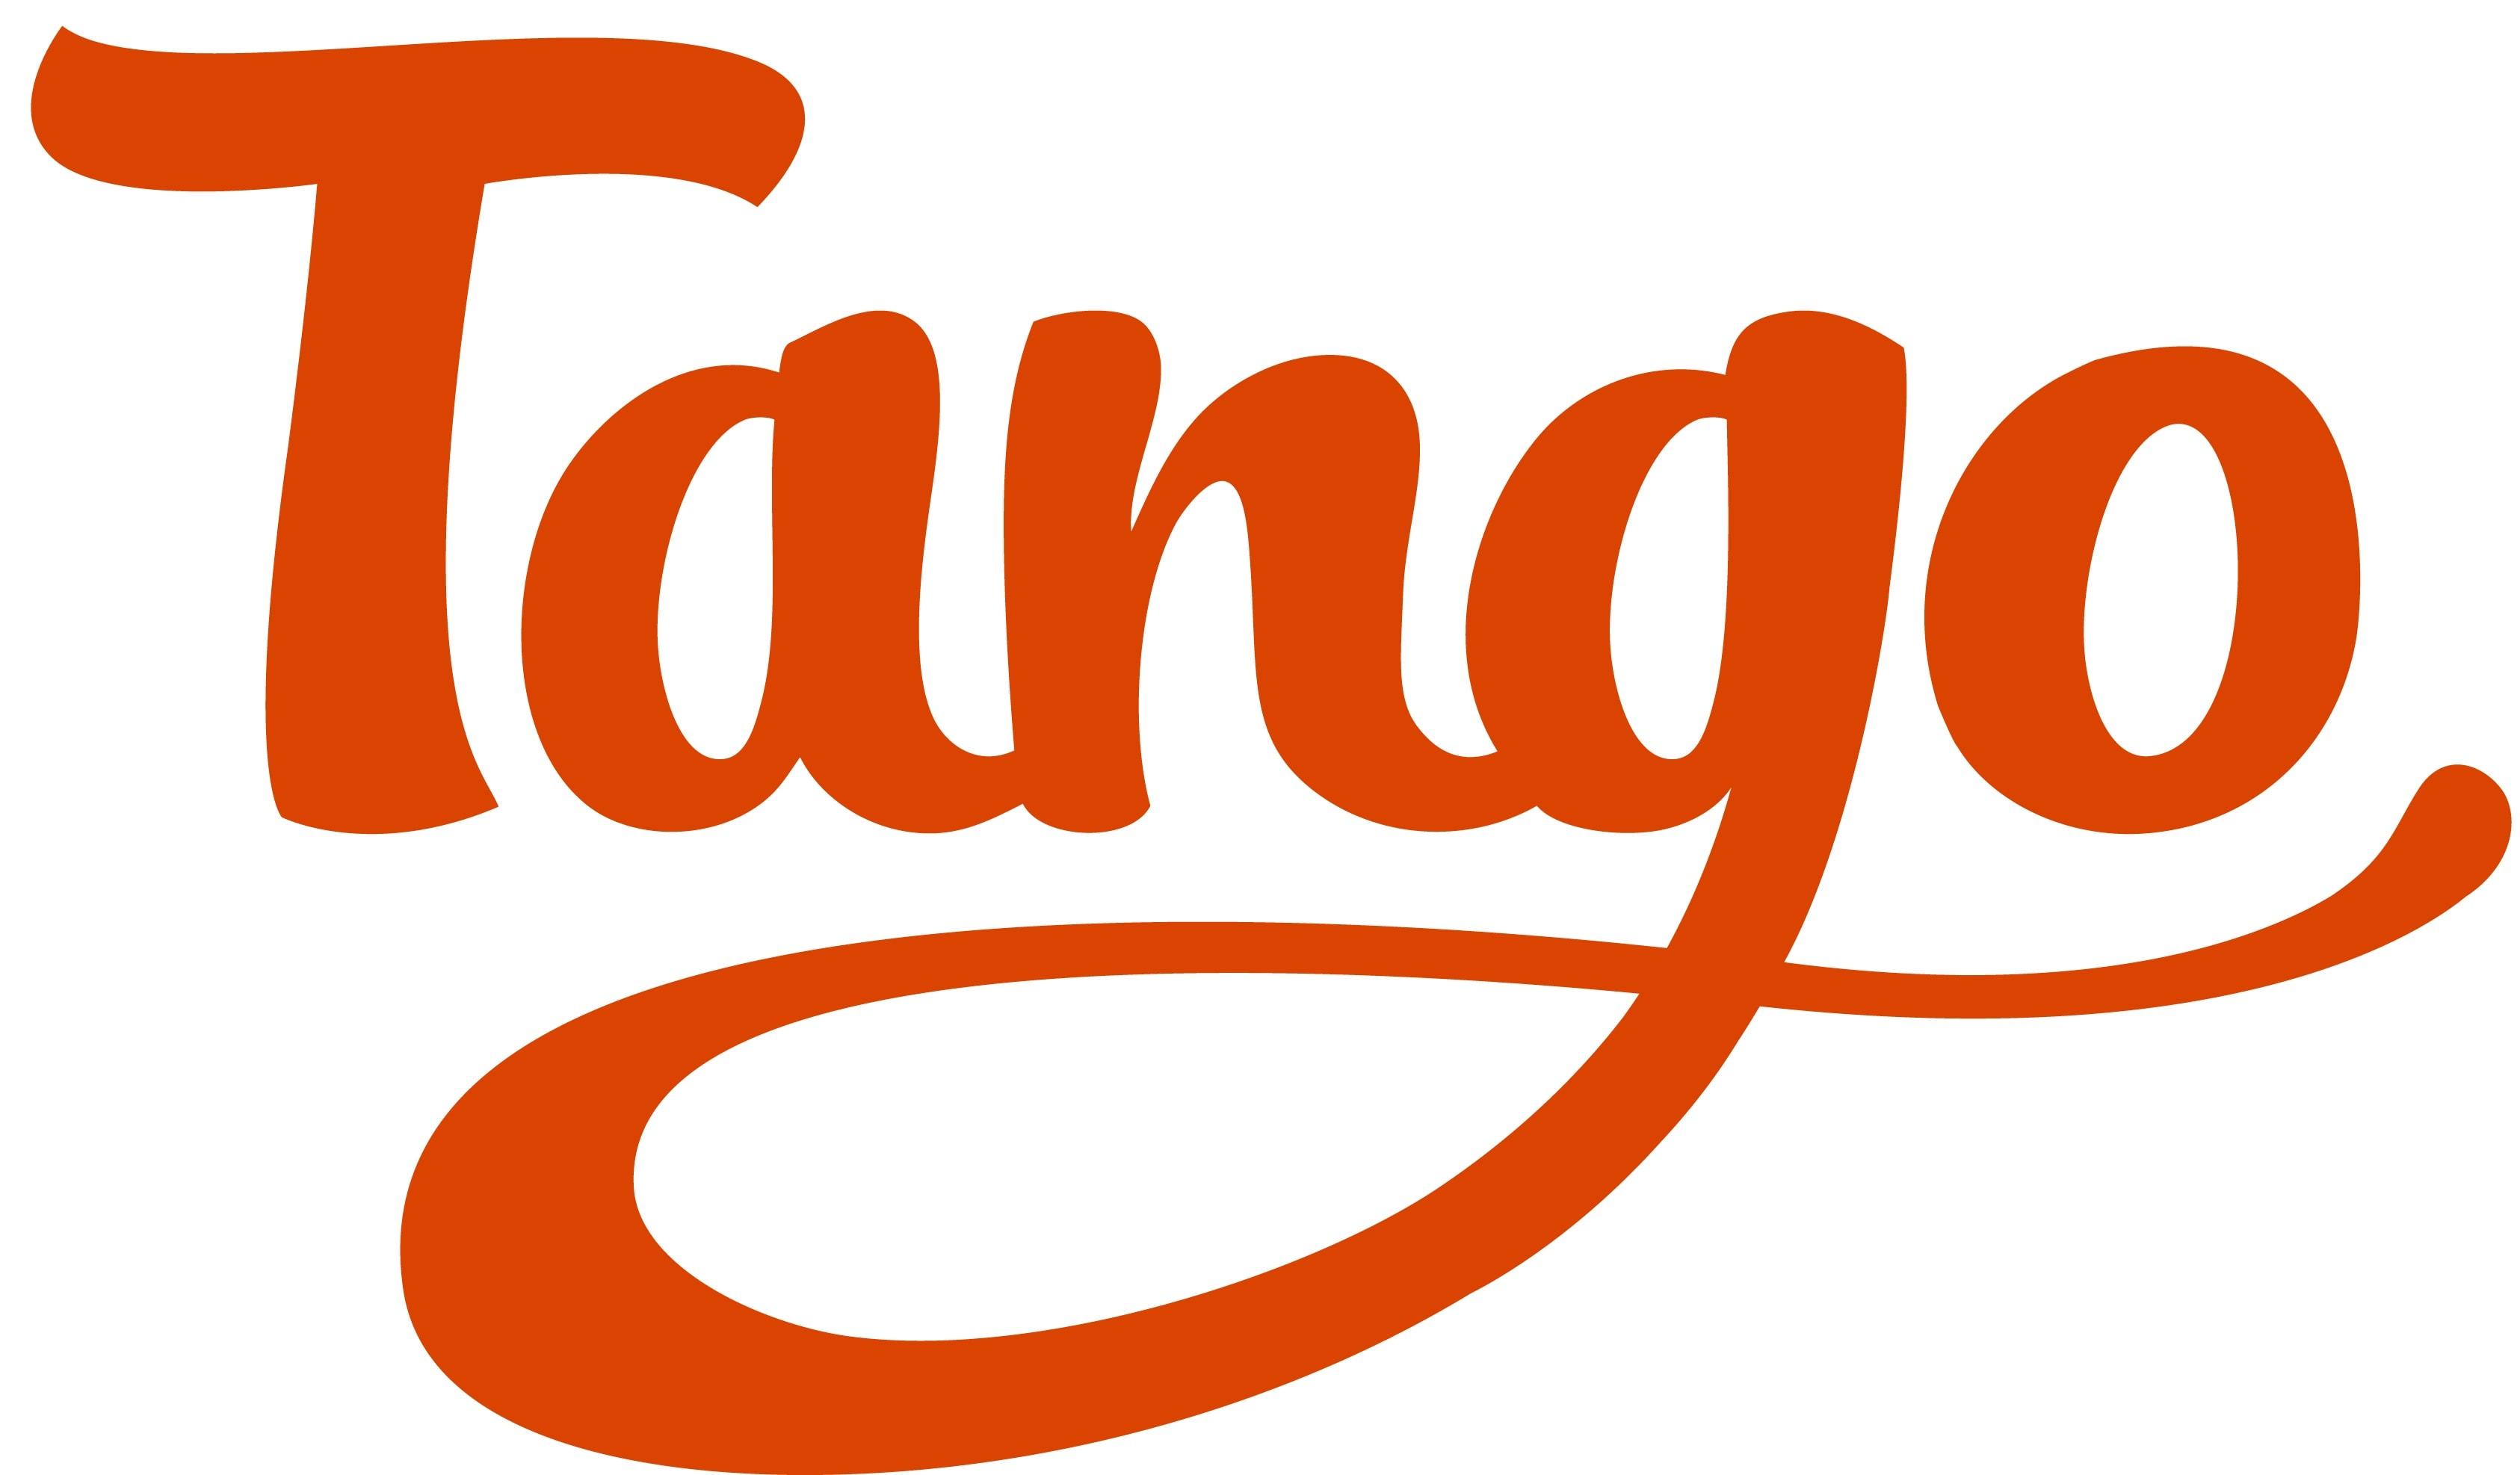 كيفية التسجيل في برنامج التانغو بالصور how to tango sign up free